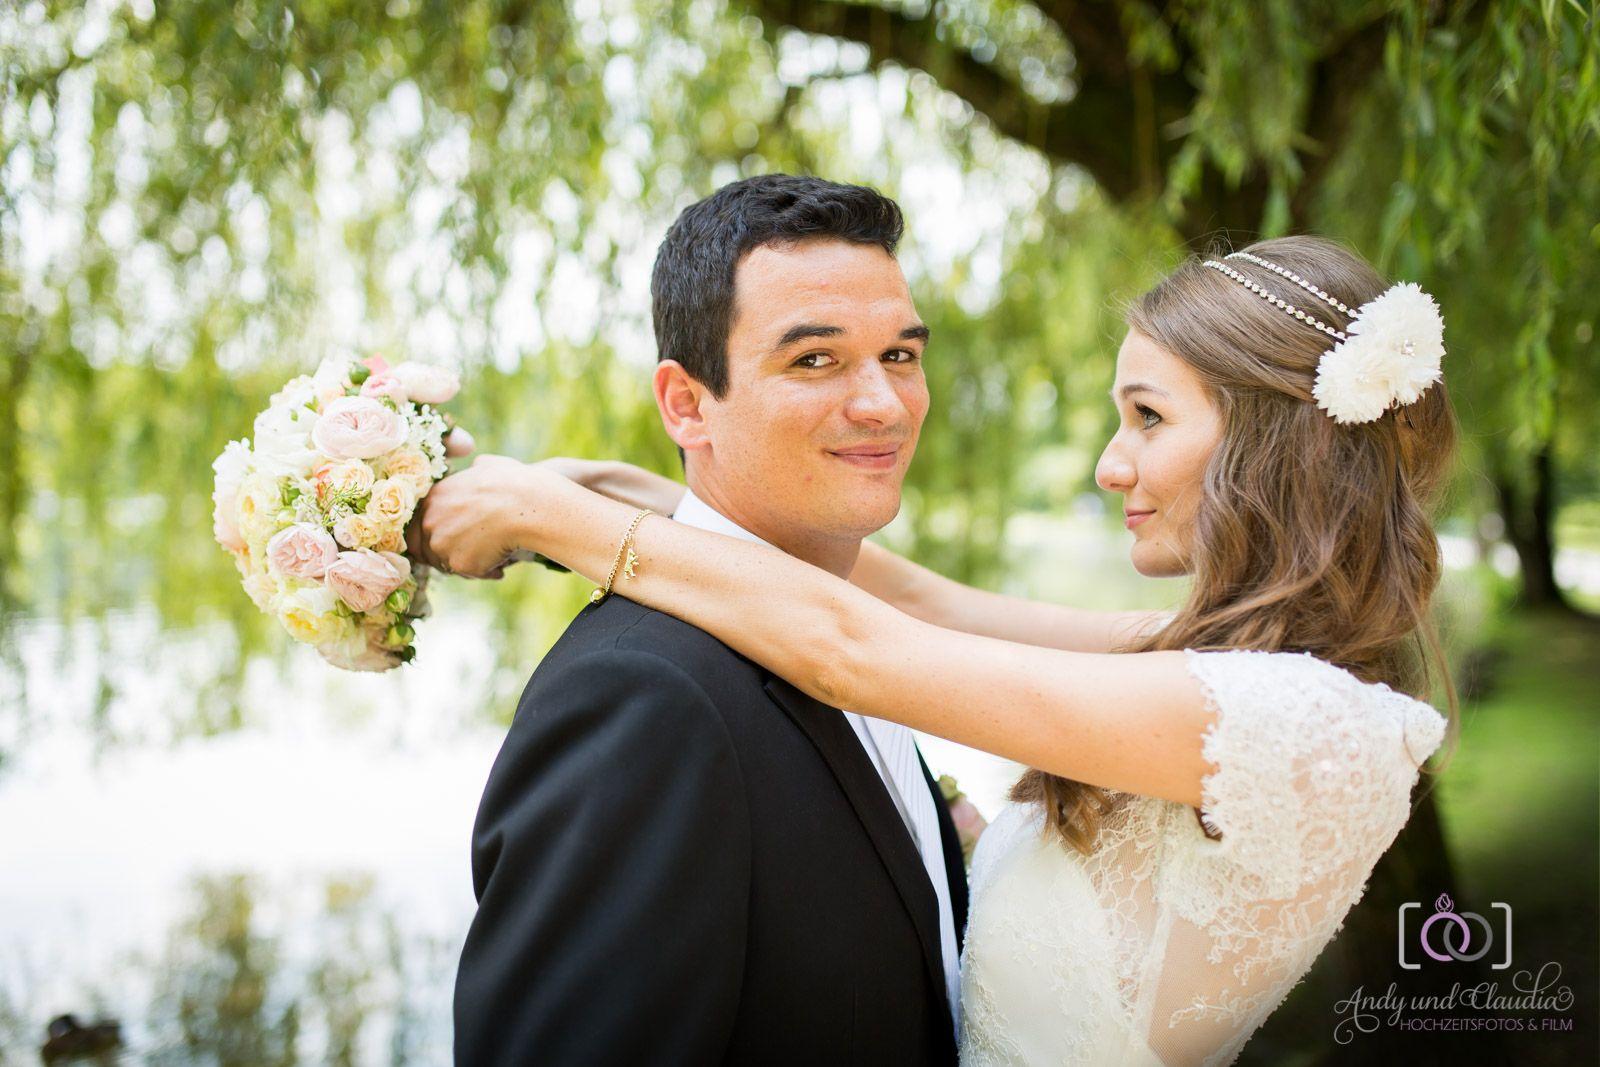 Hochzeitsfotos Im Englischen Garten In Munchen Nach